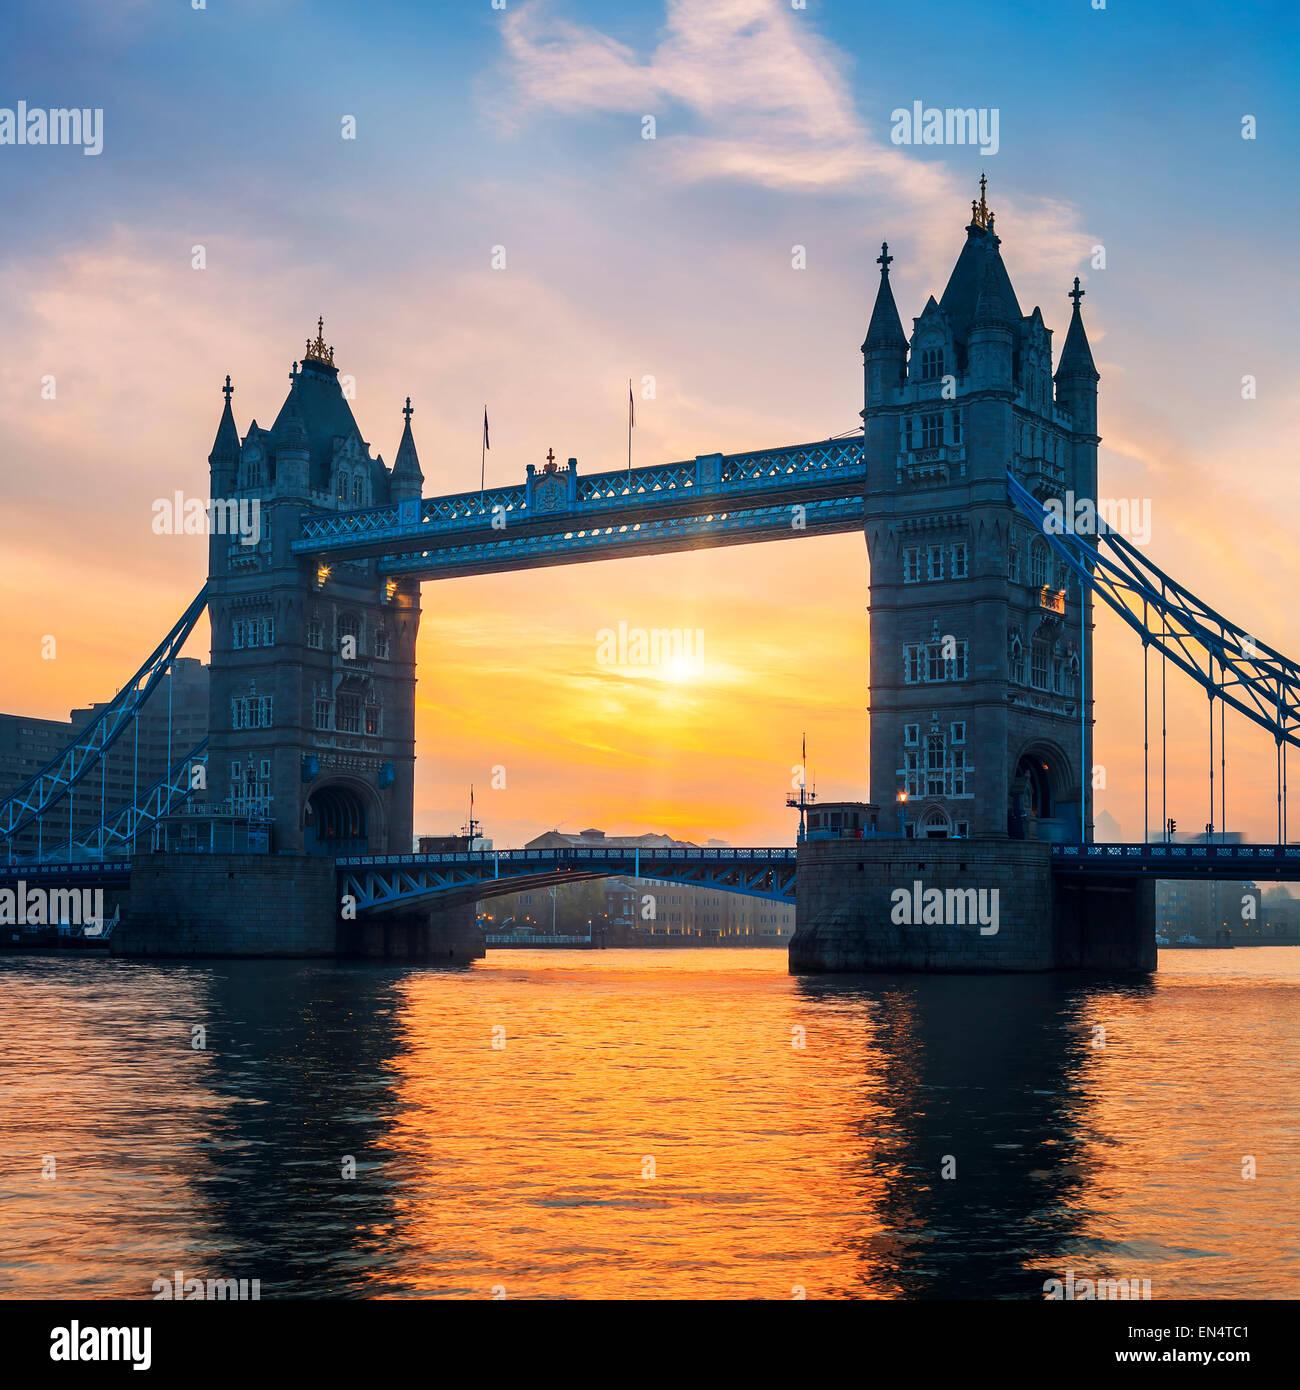 Al amanecer, el Tower Bridge de Londres. Imagen De Stock